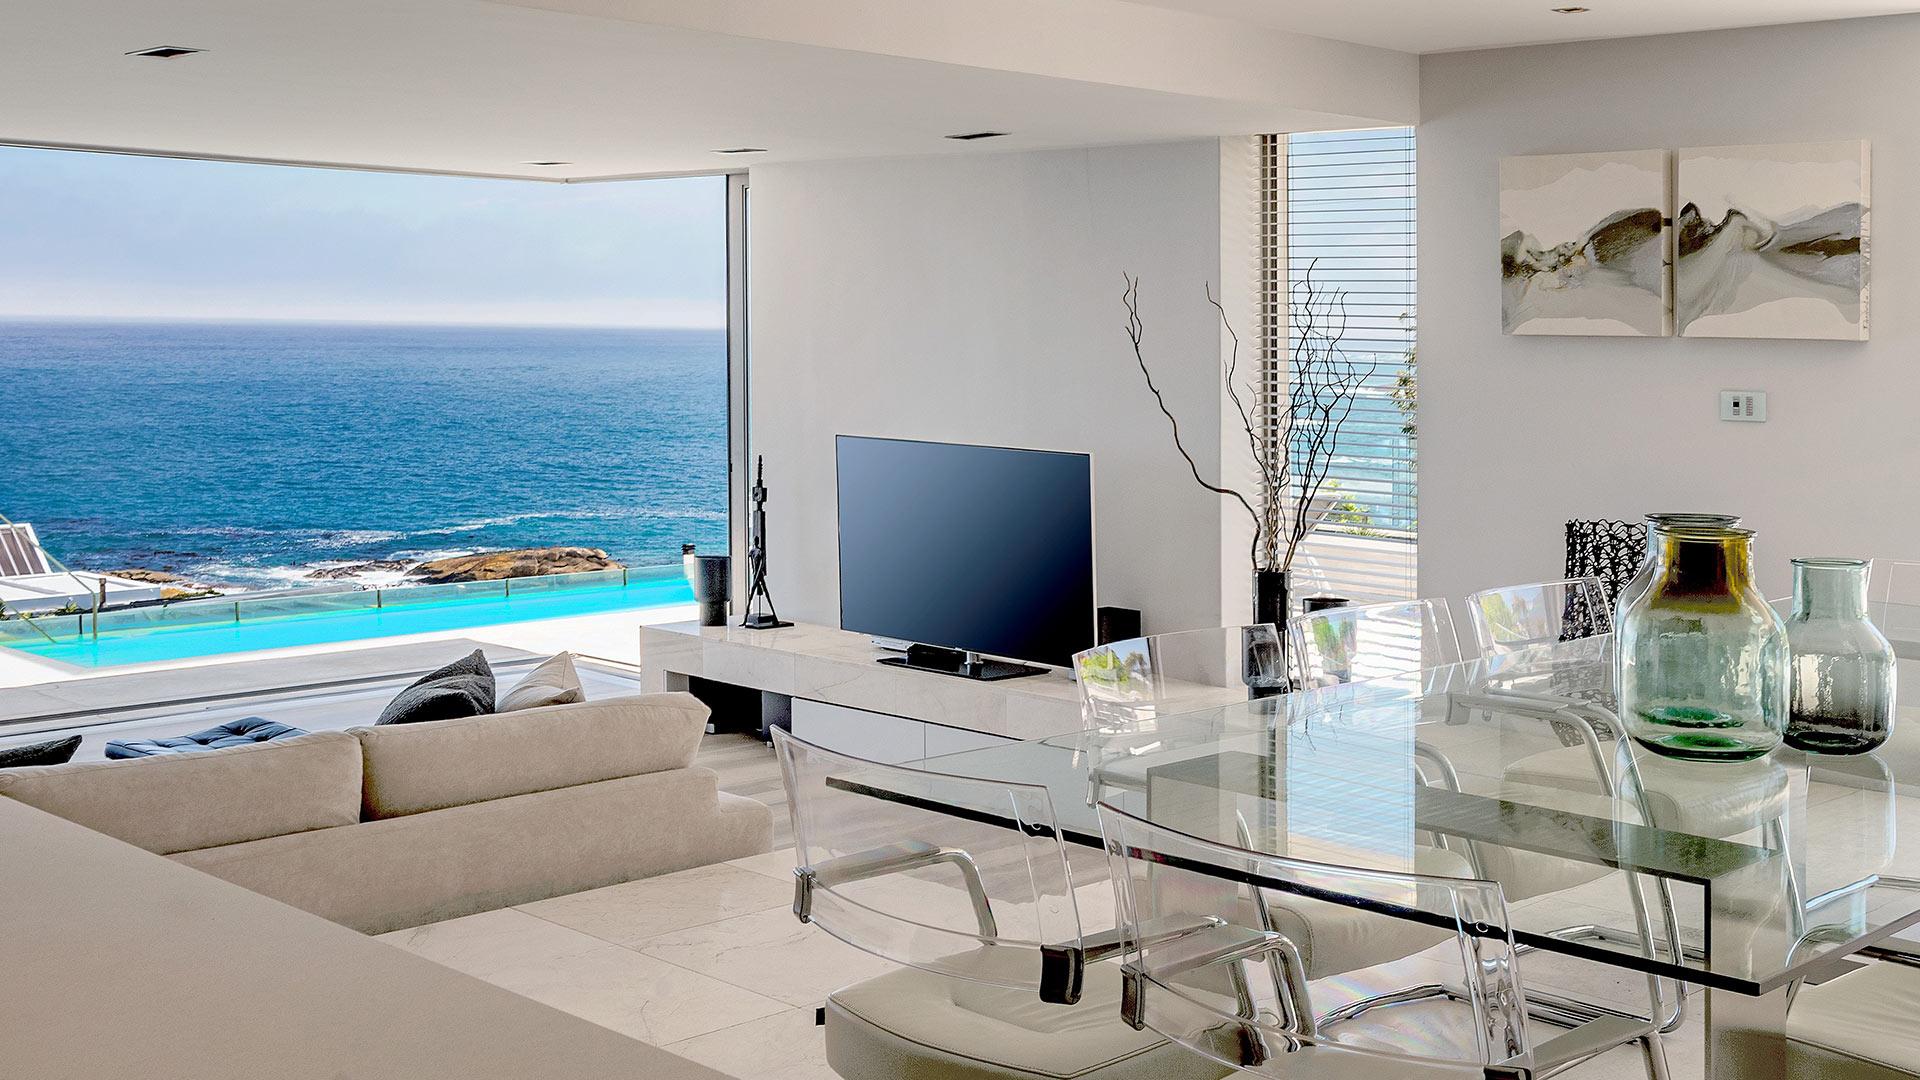 blue-views-villas-penthouse-2-12